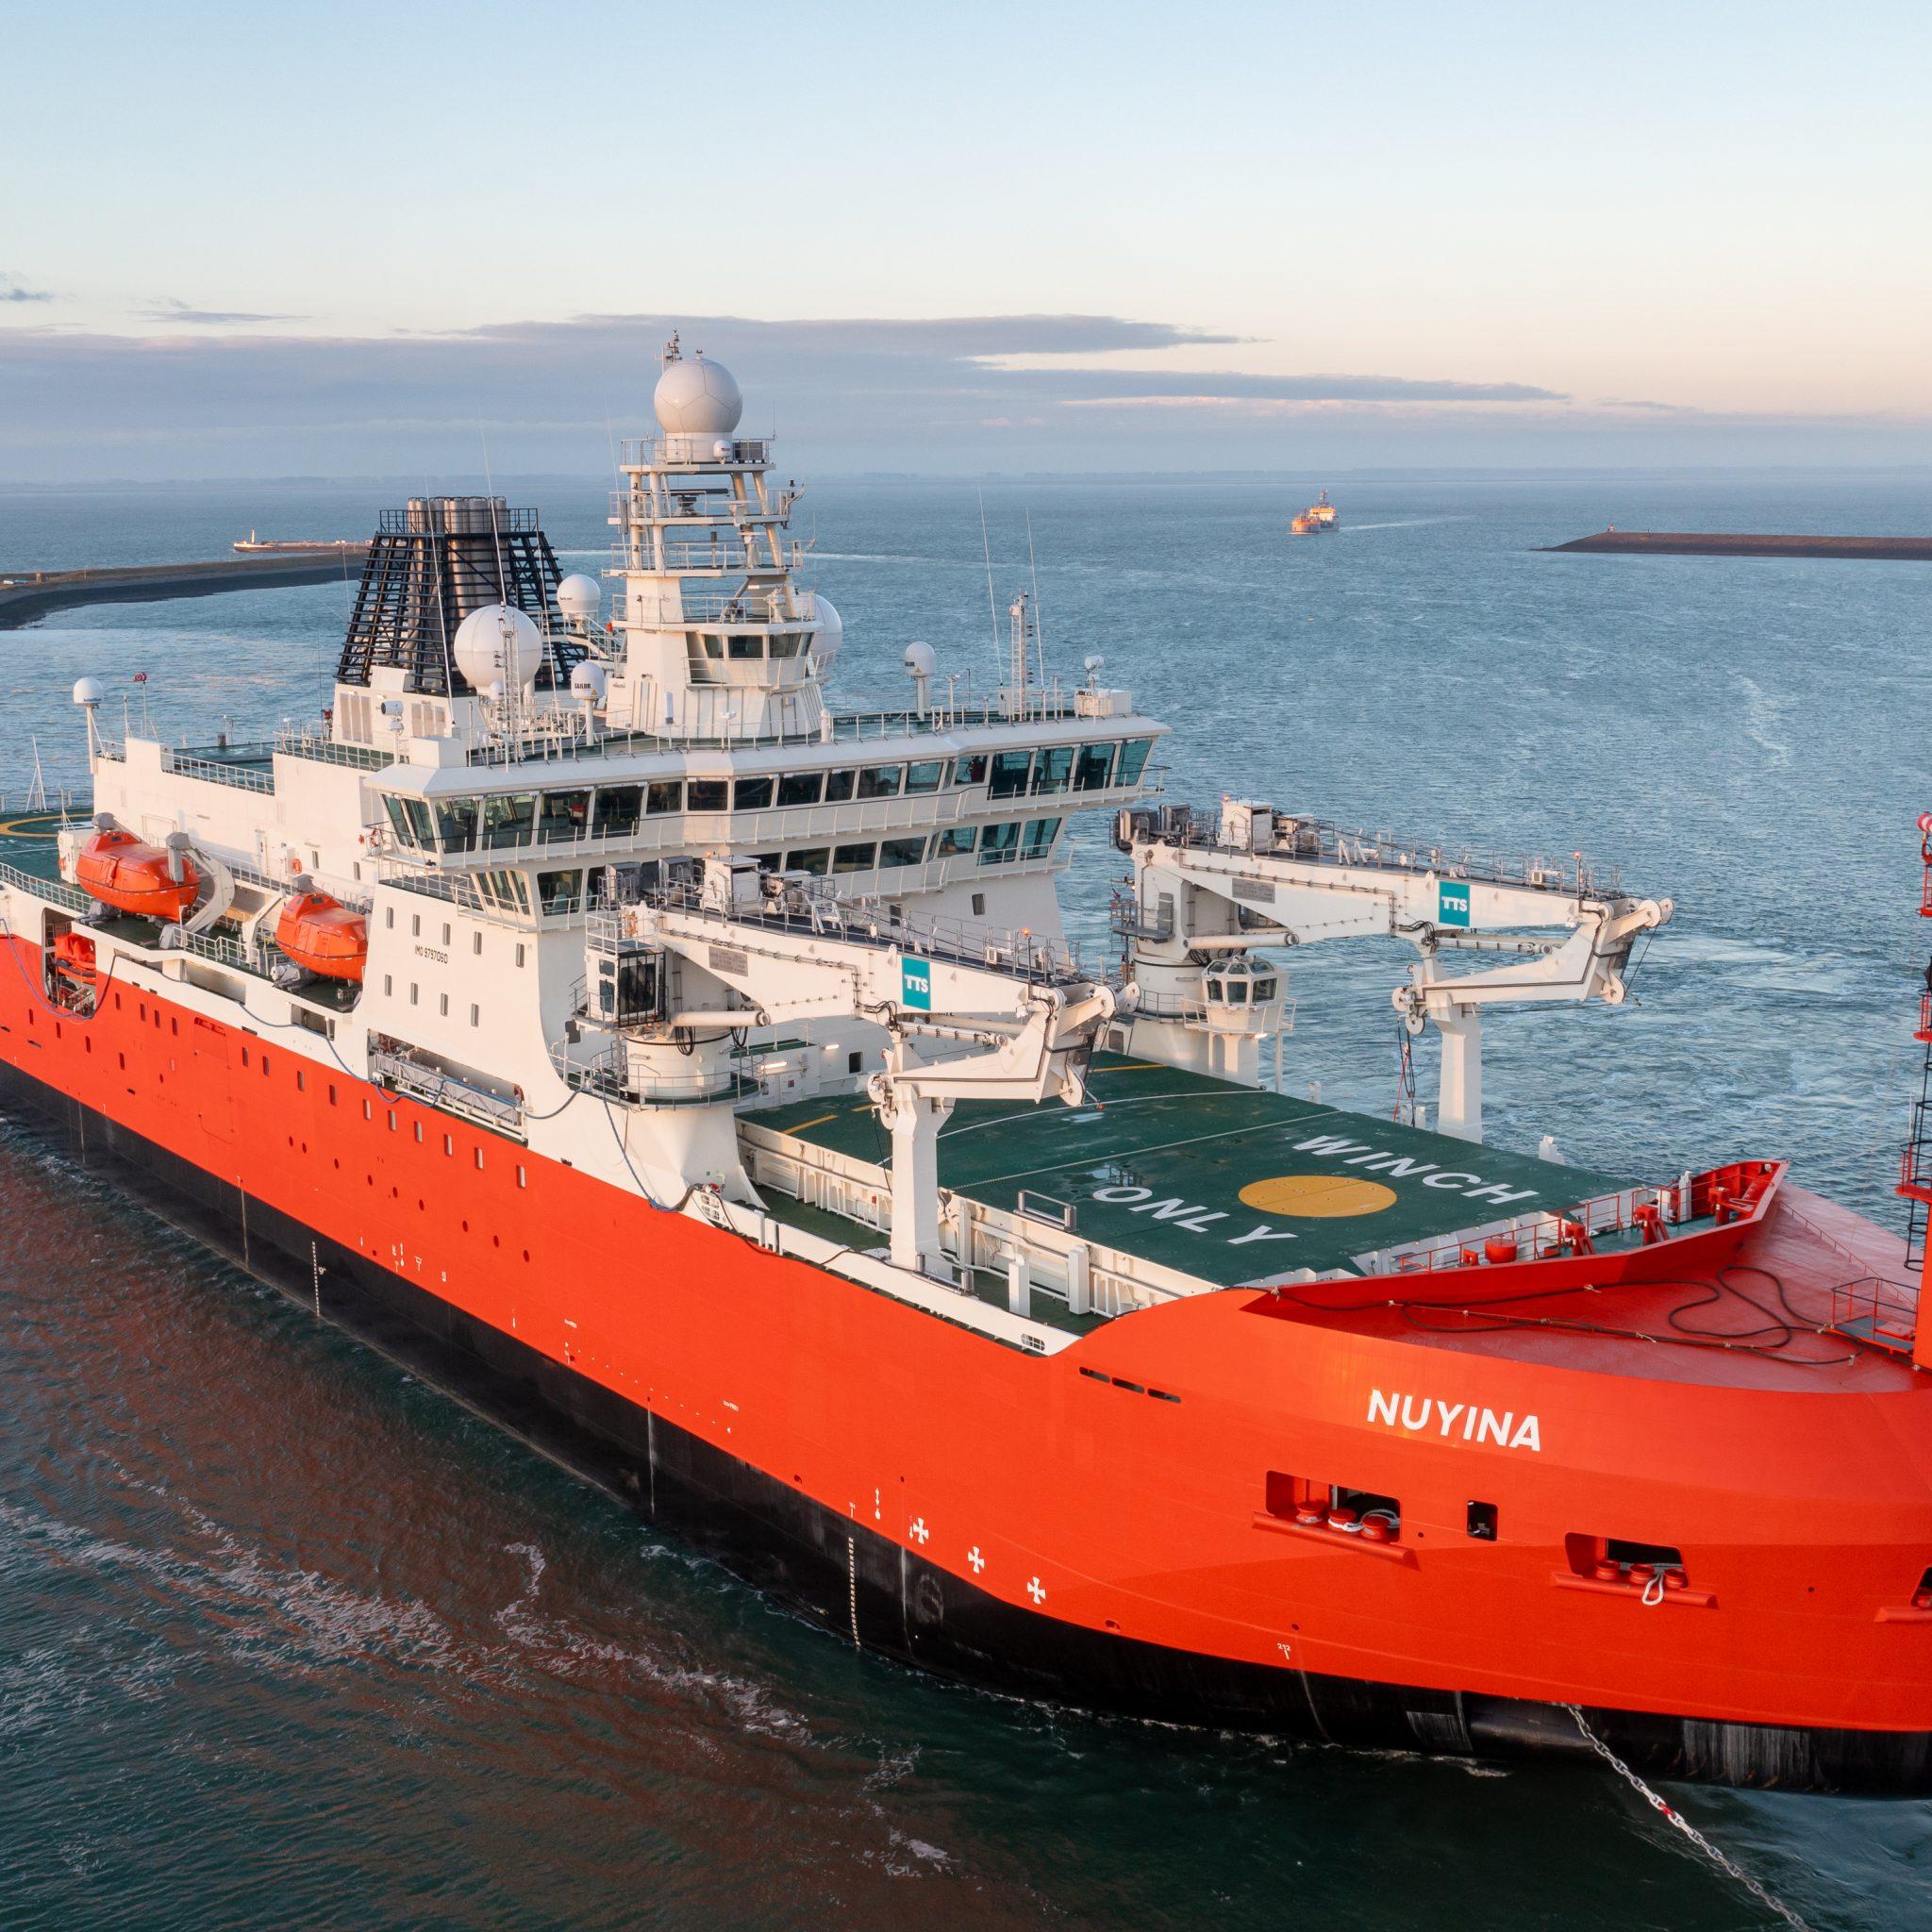 De Antarctische ijsbreker Nuyina is vertrokken vanuit Vlissingen. Foto DronebyMark